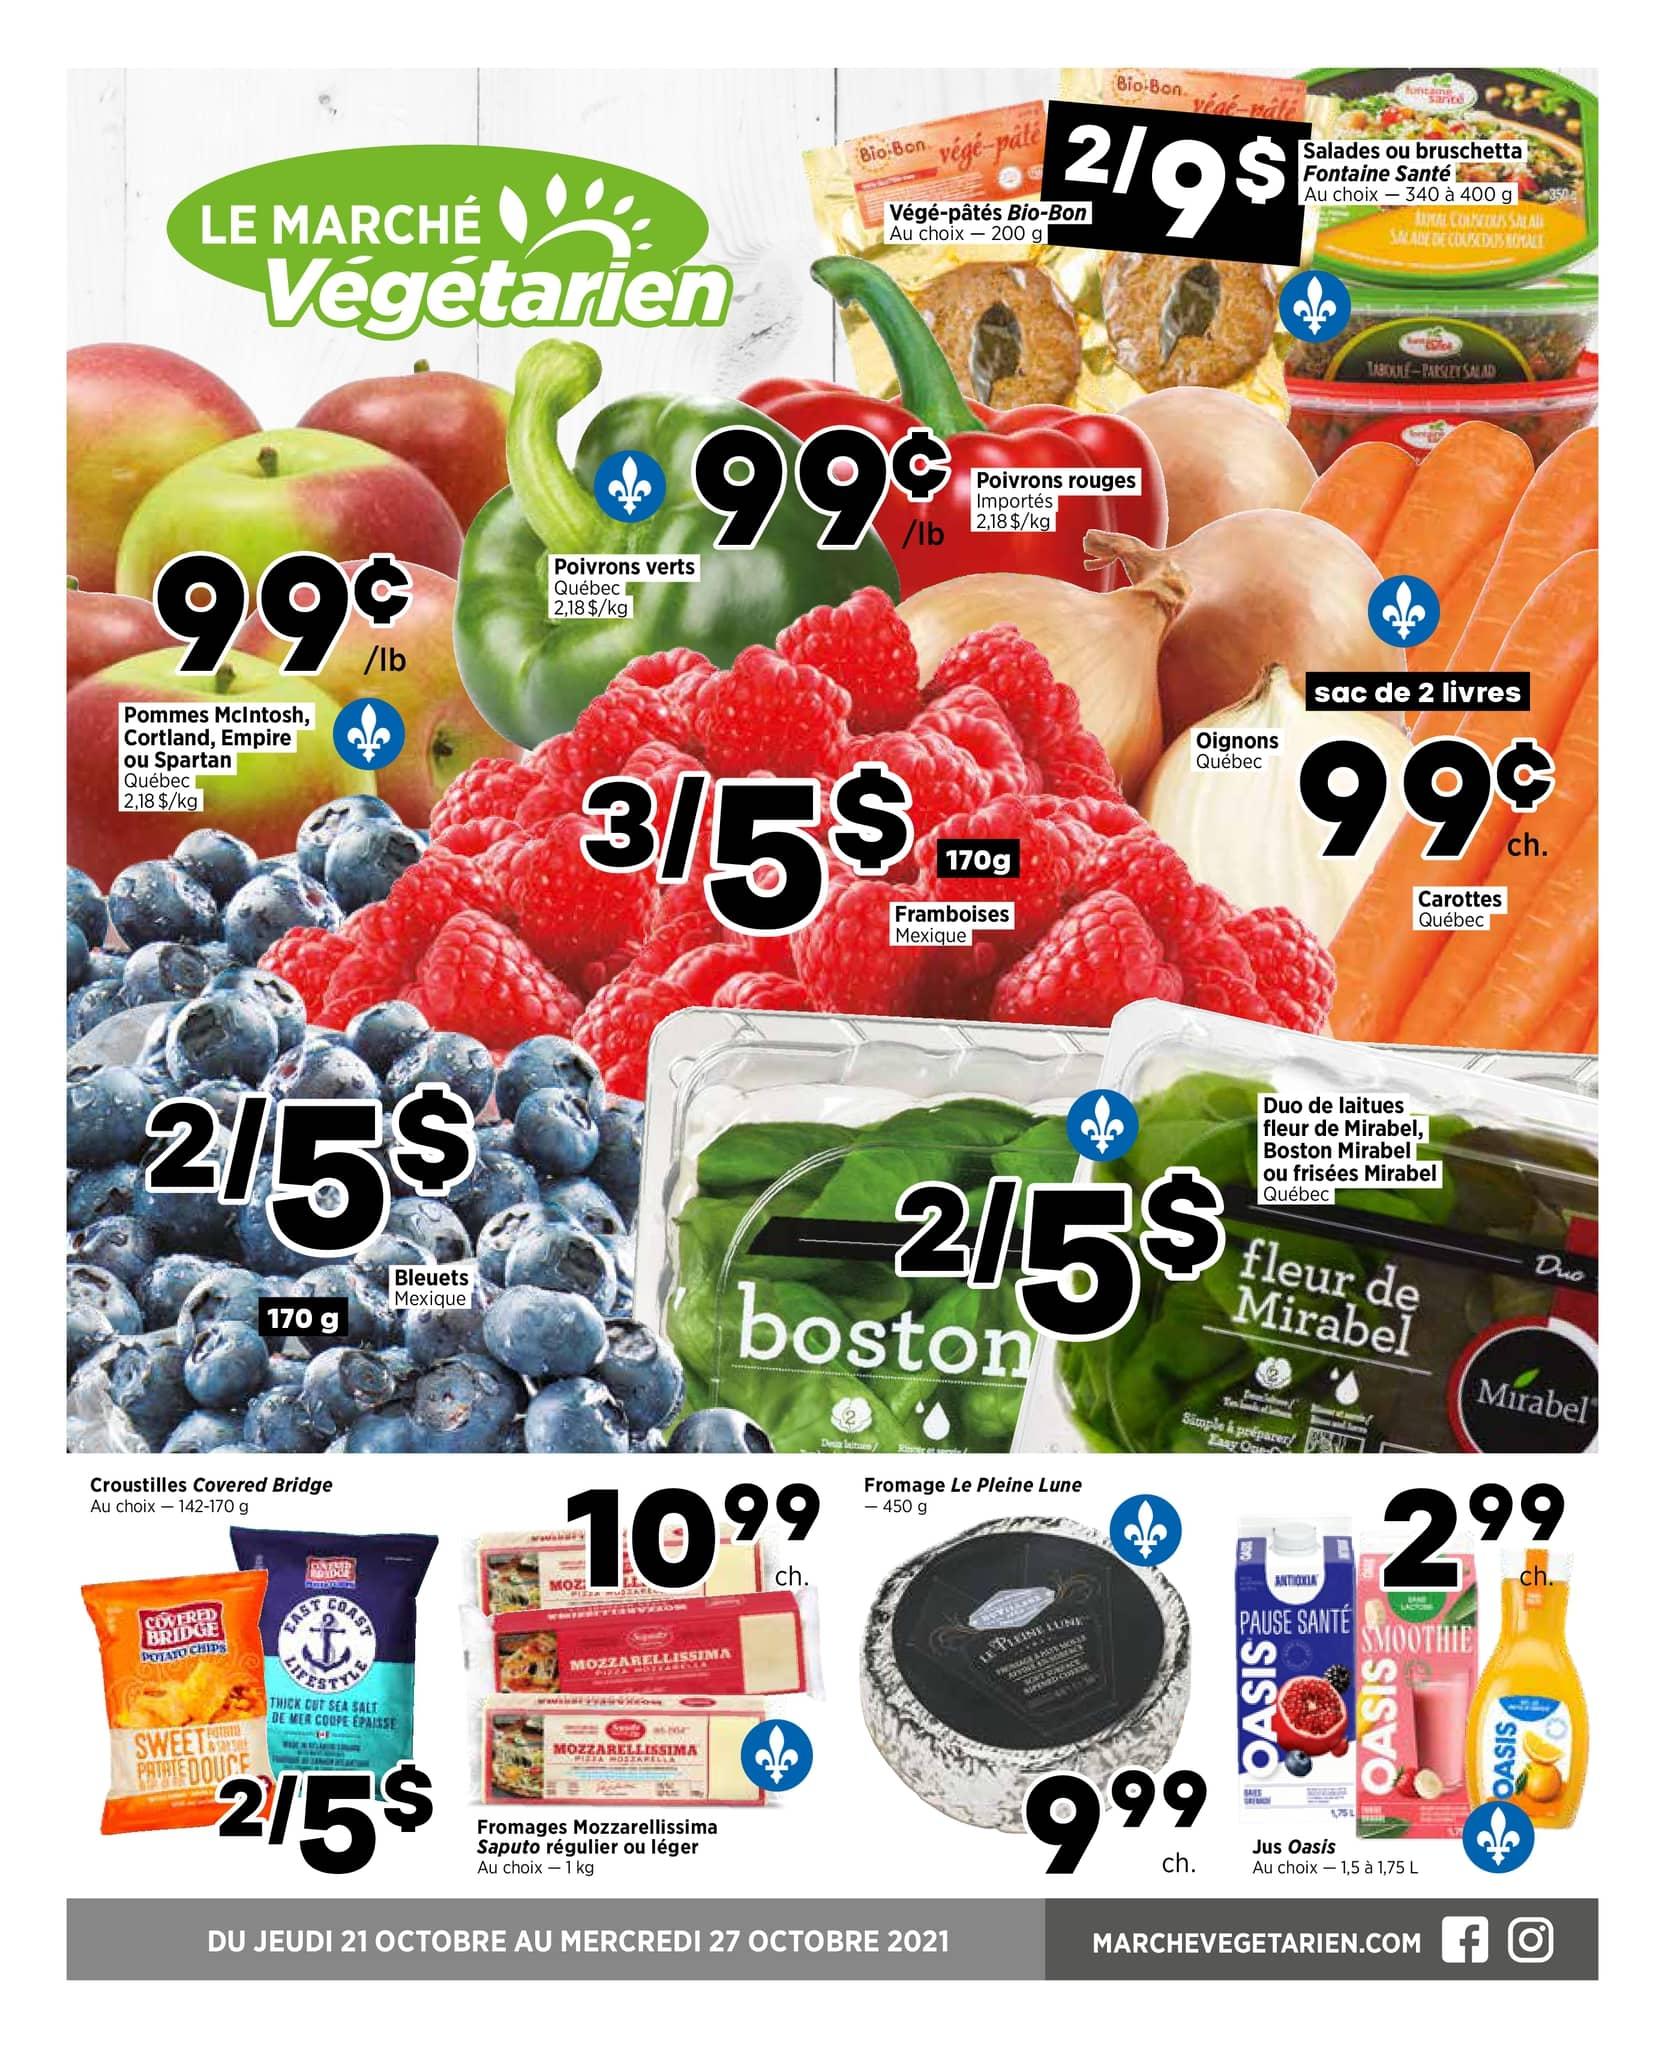 Circulaire Marché Végétarien du 20 au 27 octobre 2021 - Page 1